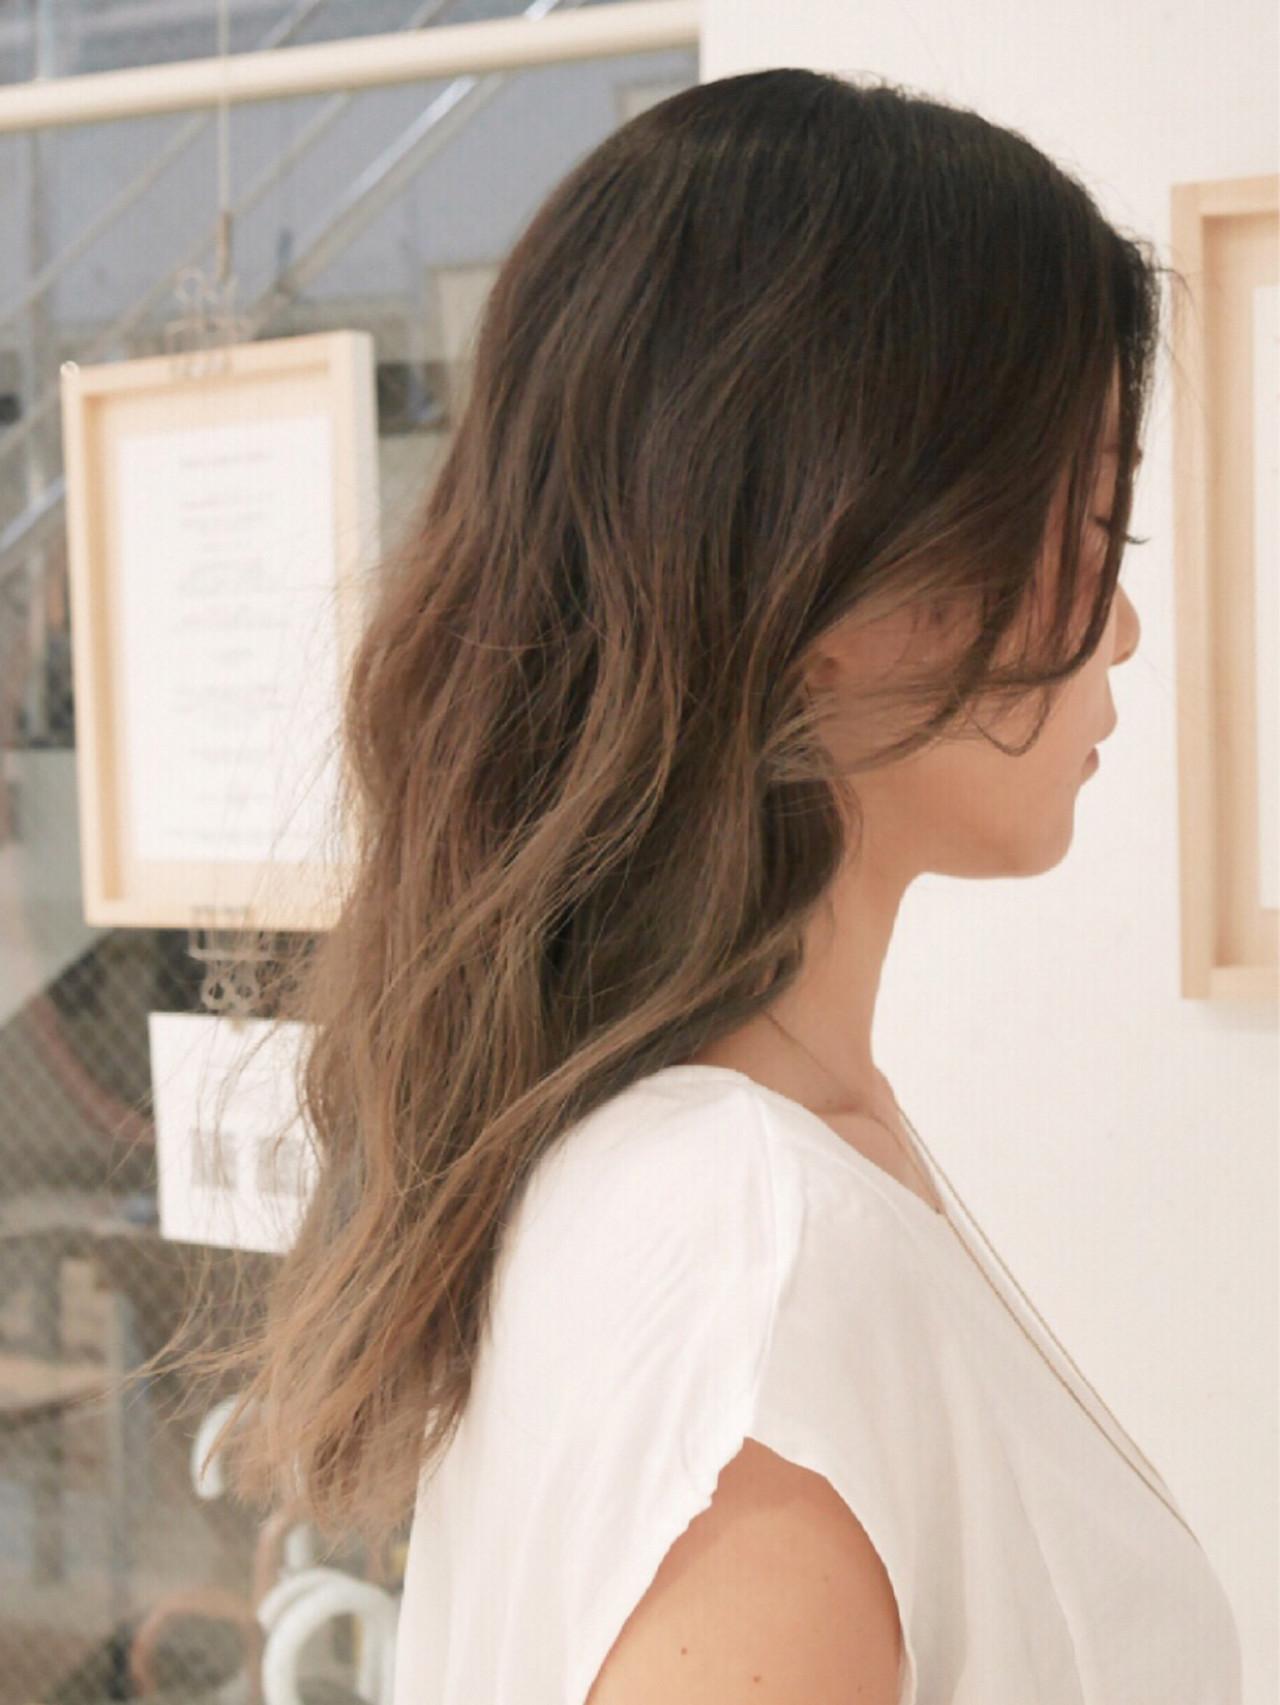 ラフ 外国人風 爽やか ロング ヘアスタイルや髪型の写真・画像 | イシガキ ダイスケ / C-LOVe 中目黒